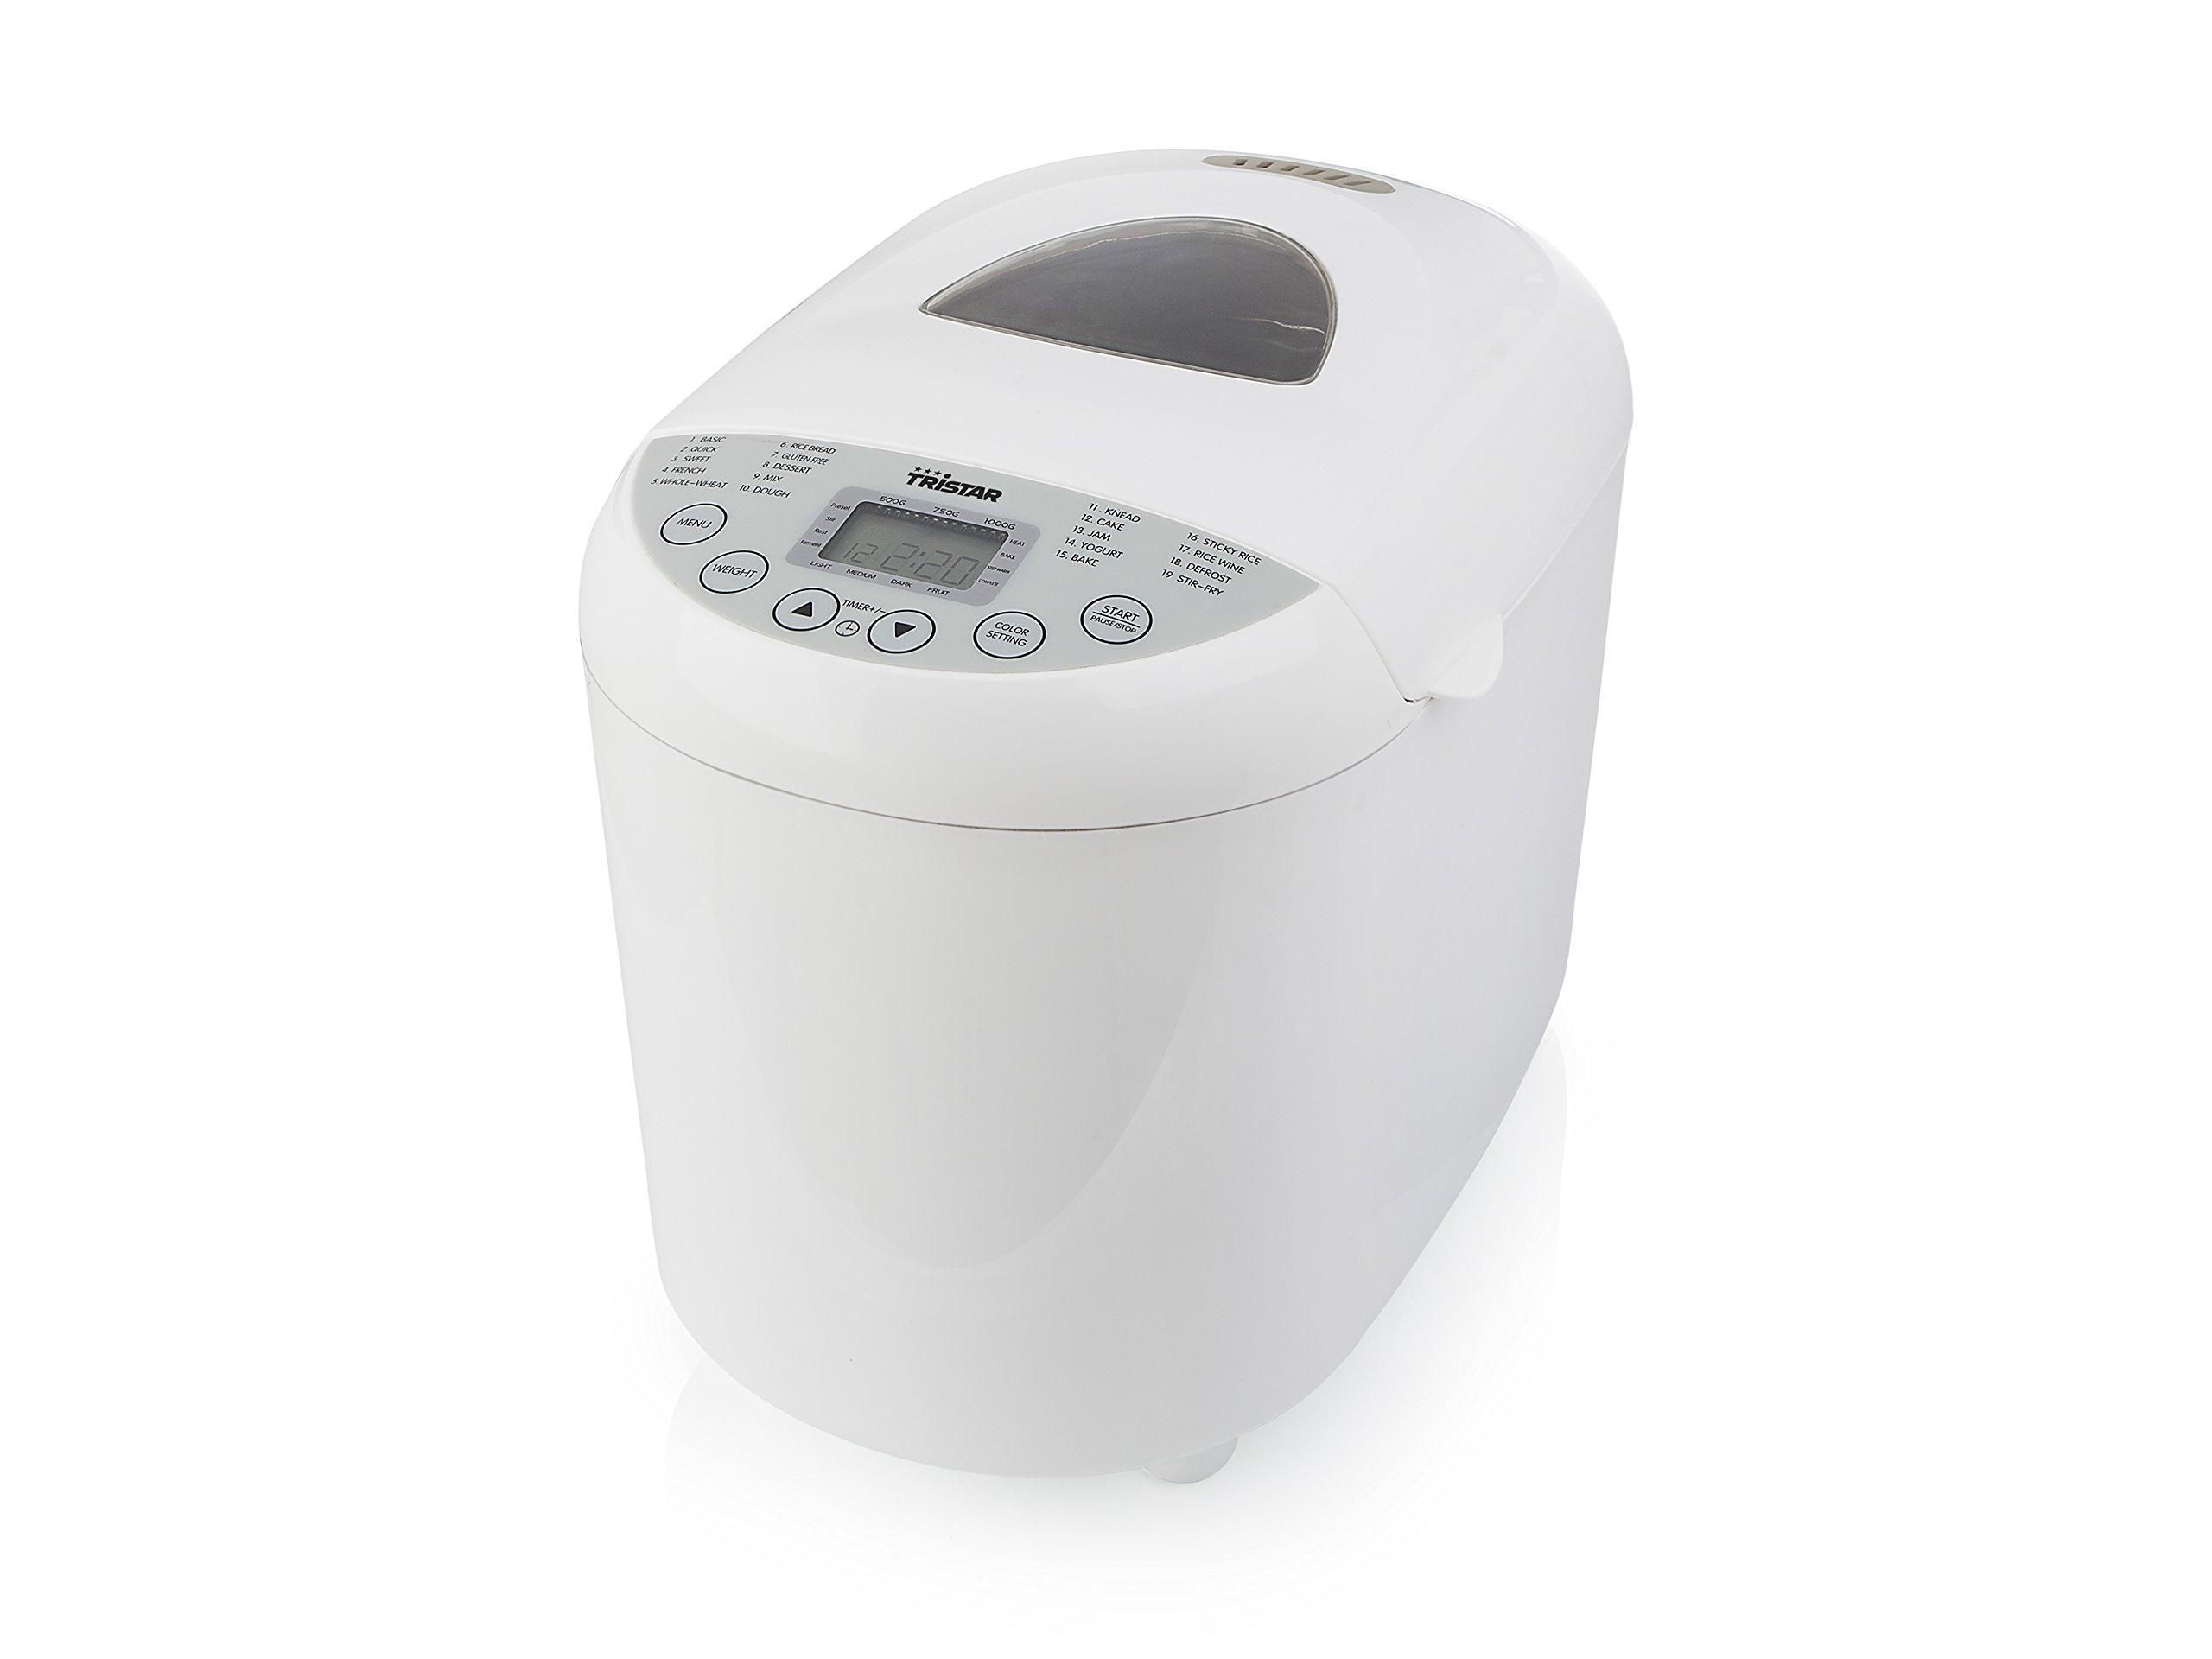 Panificadora Tristar BM-4586 – Grado de tostado de la corteza ajustable – programa sin